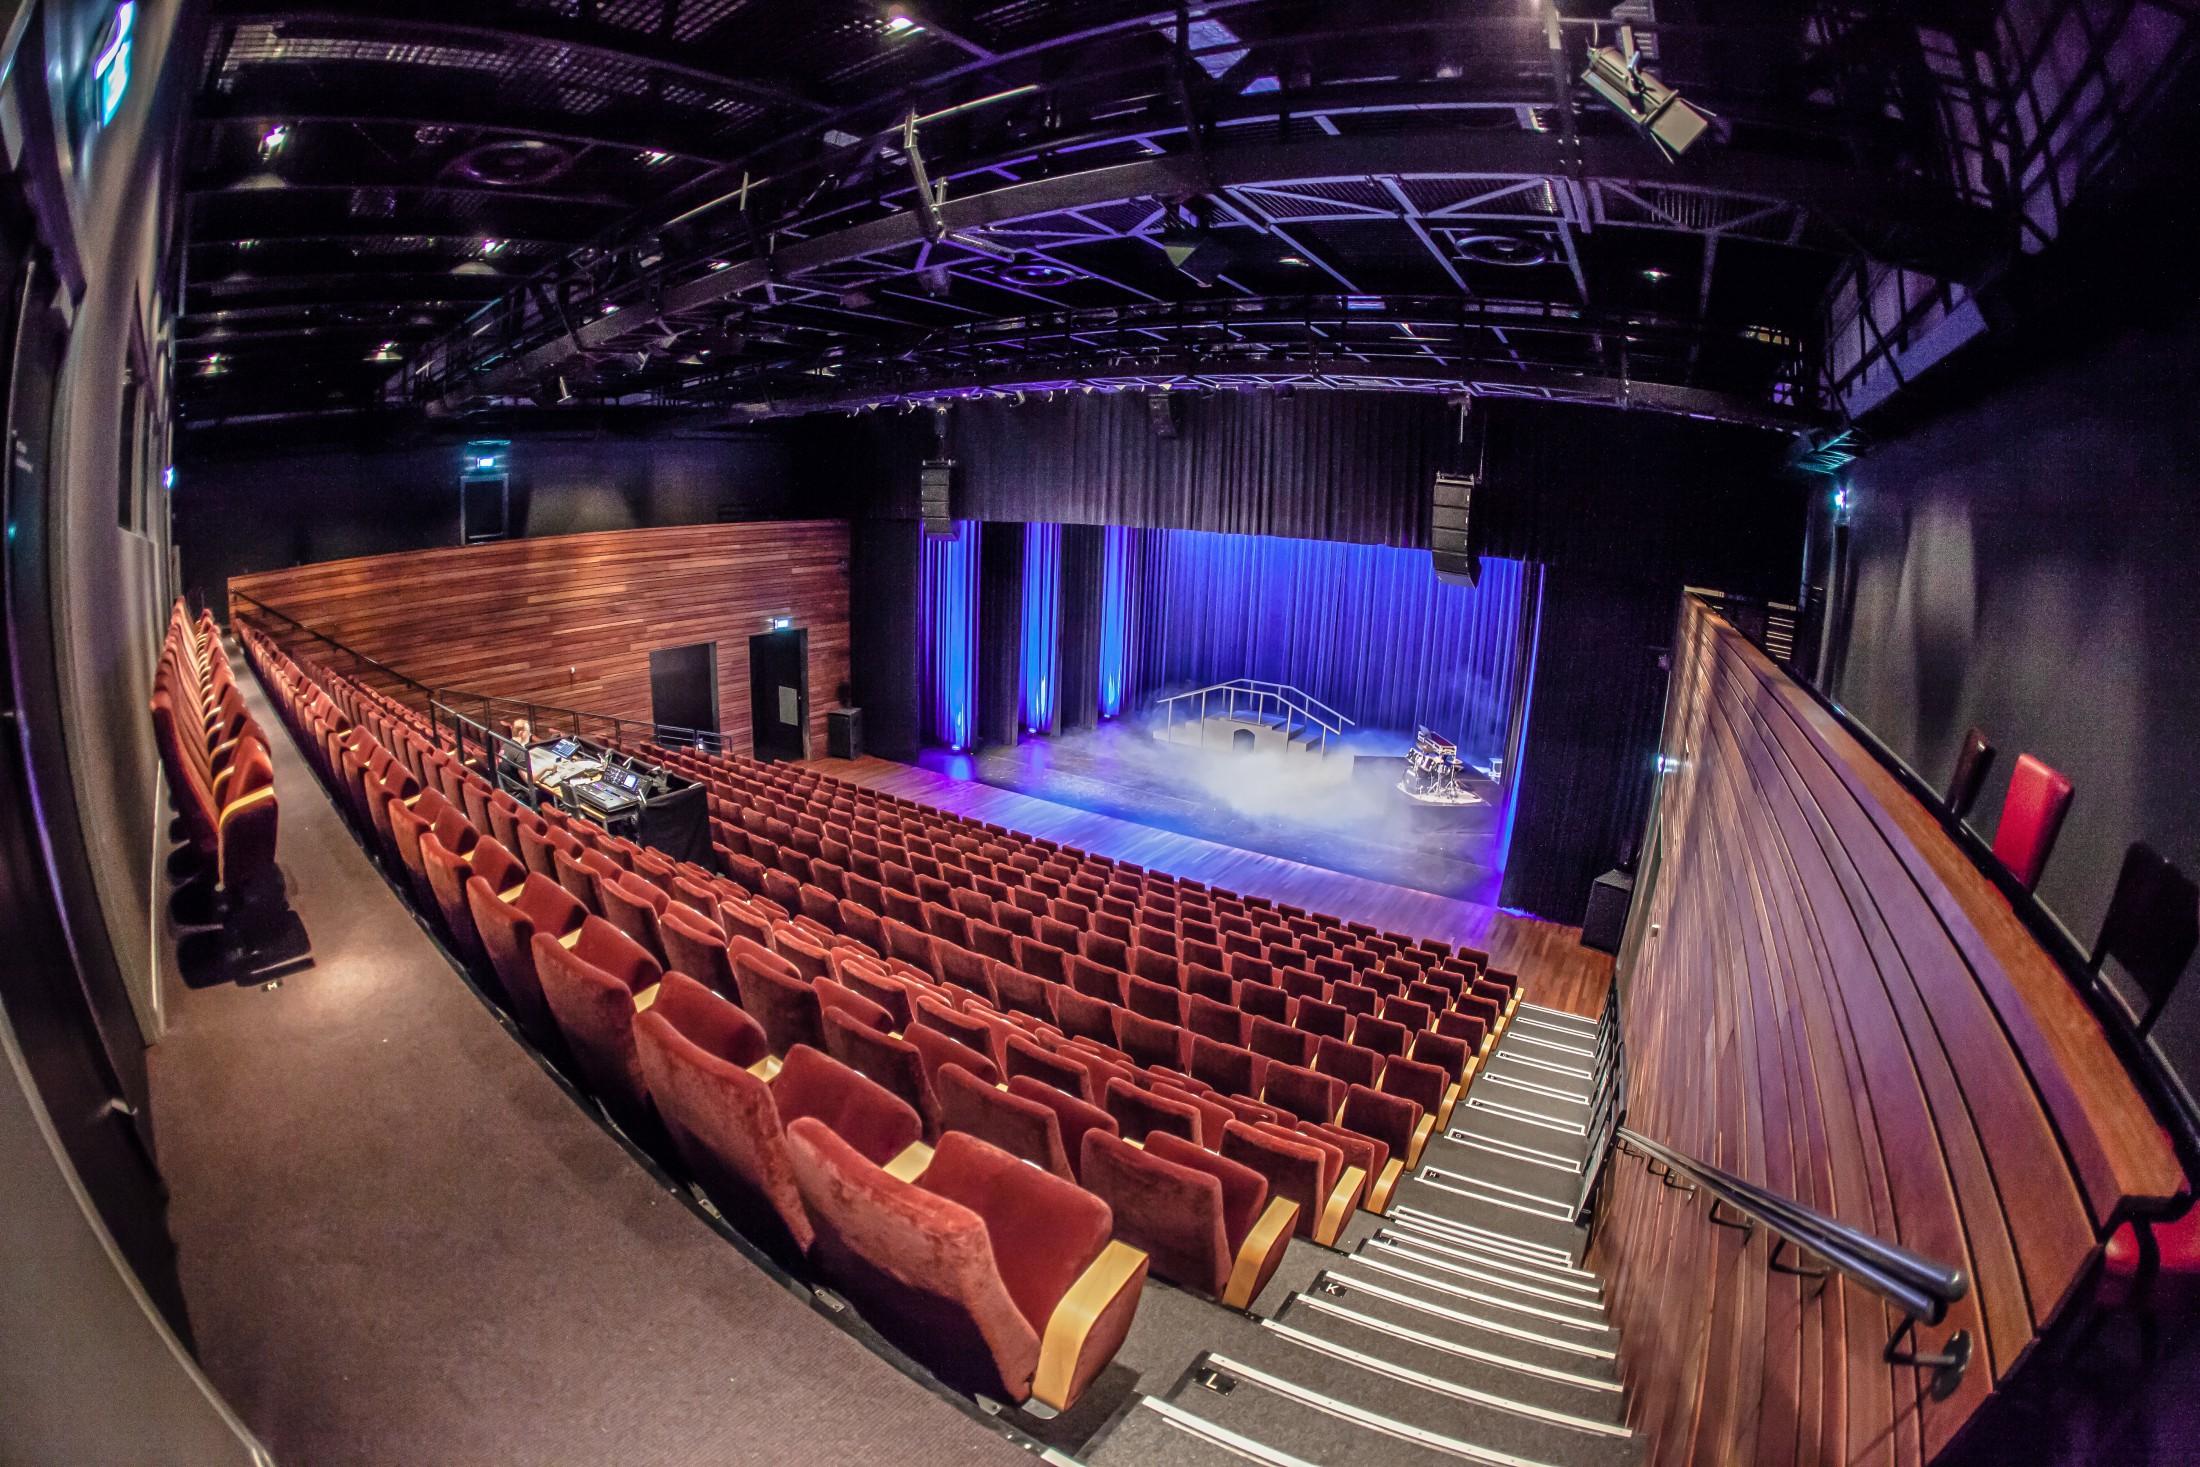 Grote zaal, Rabocultuurzaal Deurne. Cultuurcentrum Deurne